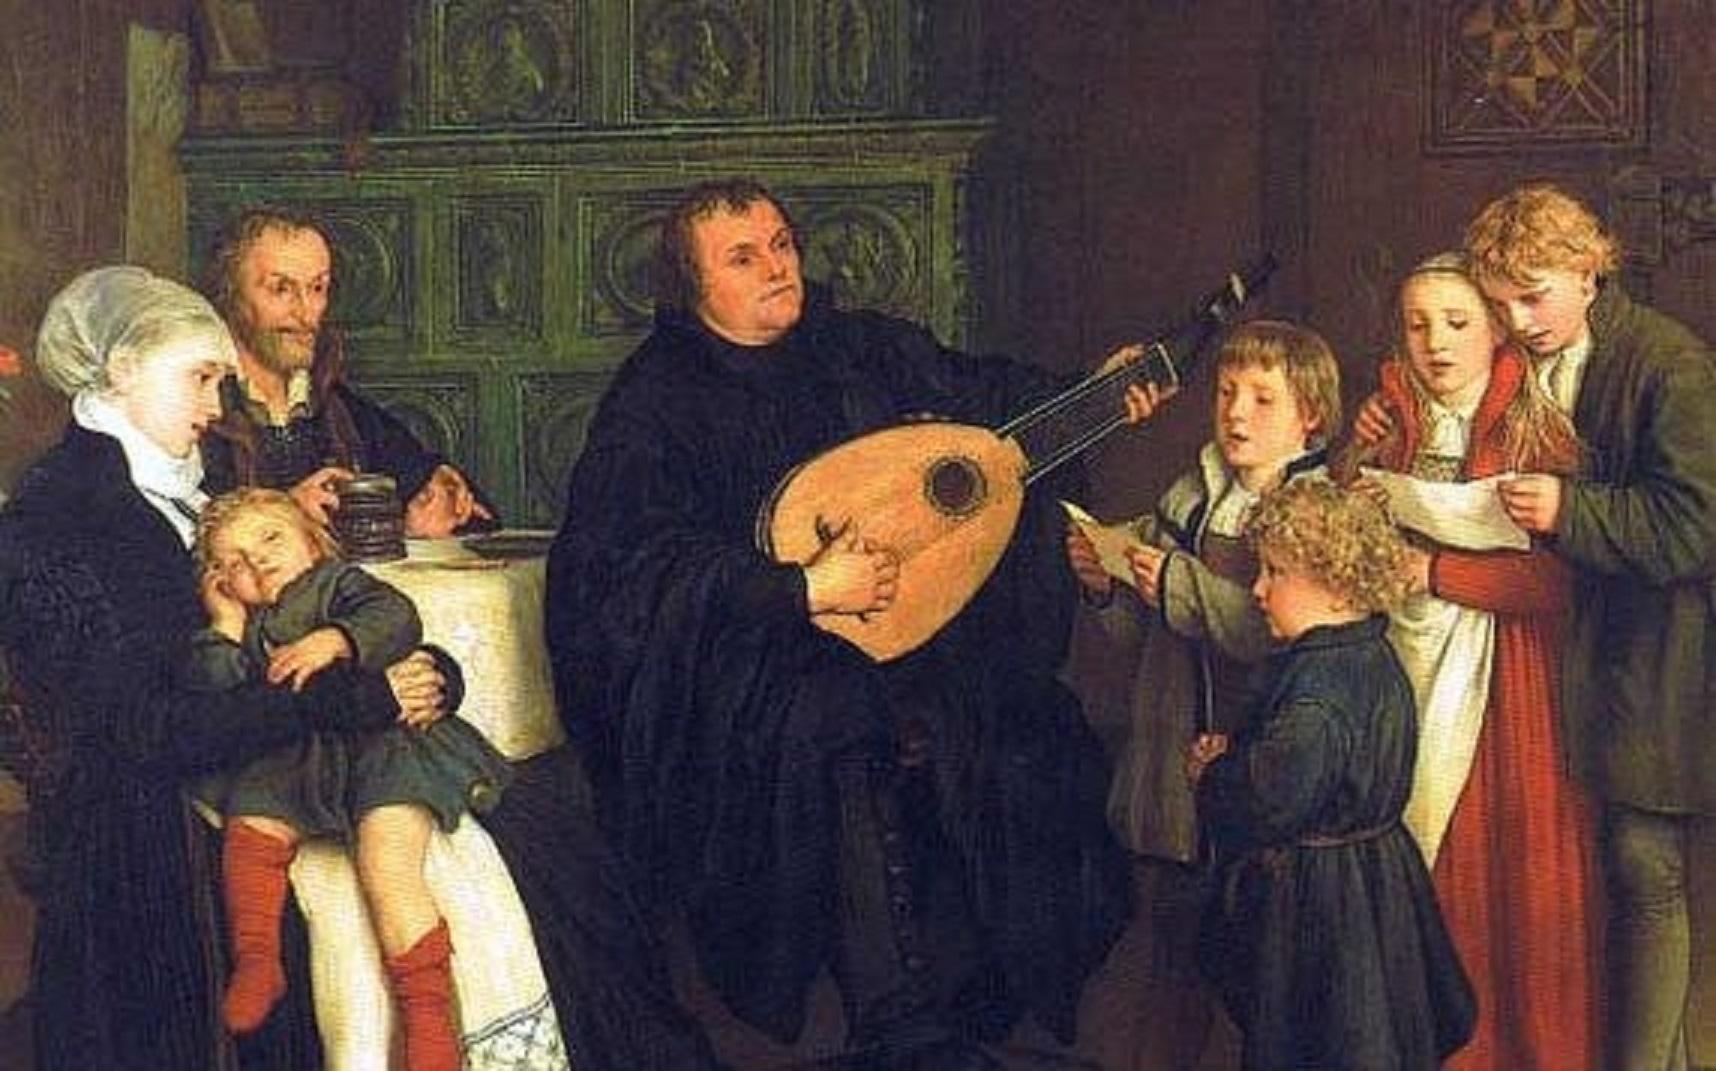 Jacob Stam vertelt over kerkliederen door de eeuwen heen. (Foto: aangeleverd)